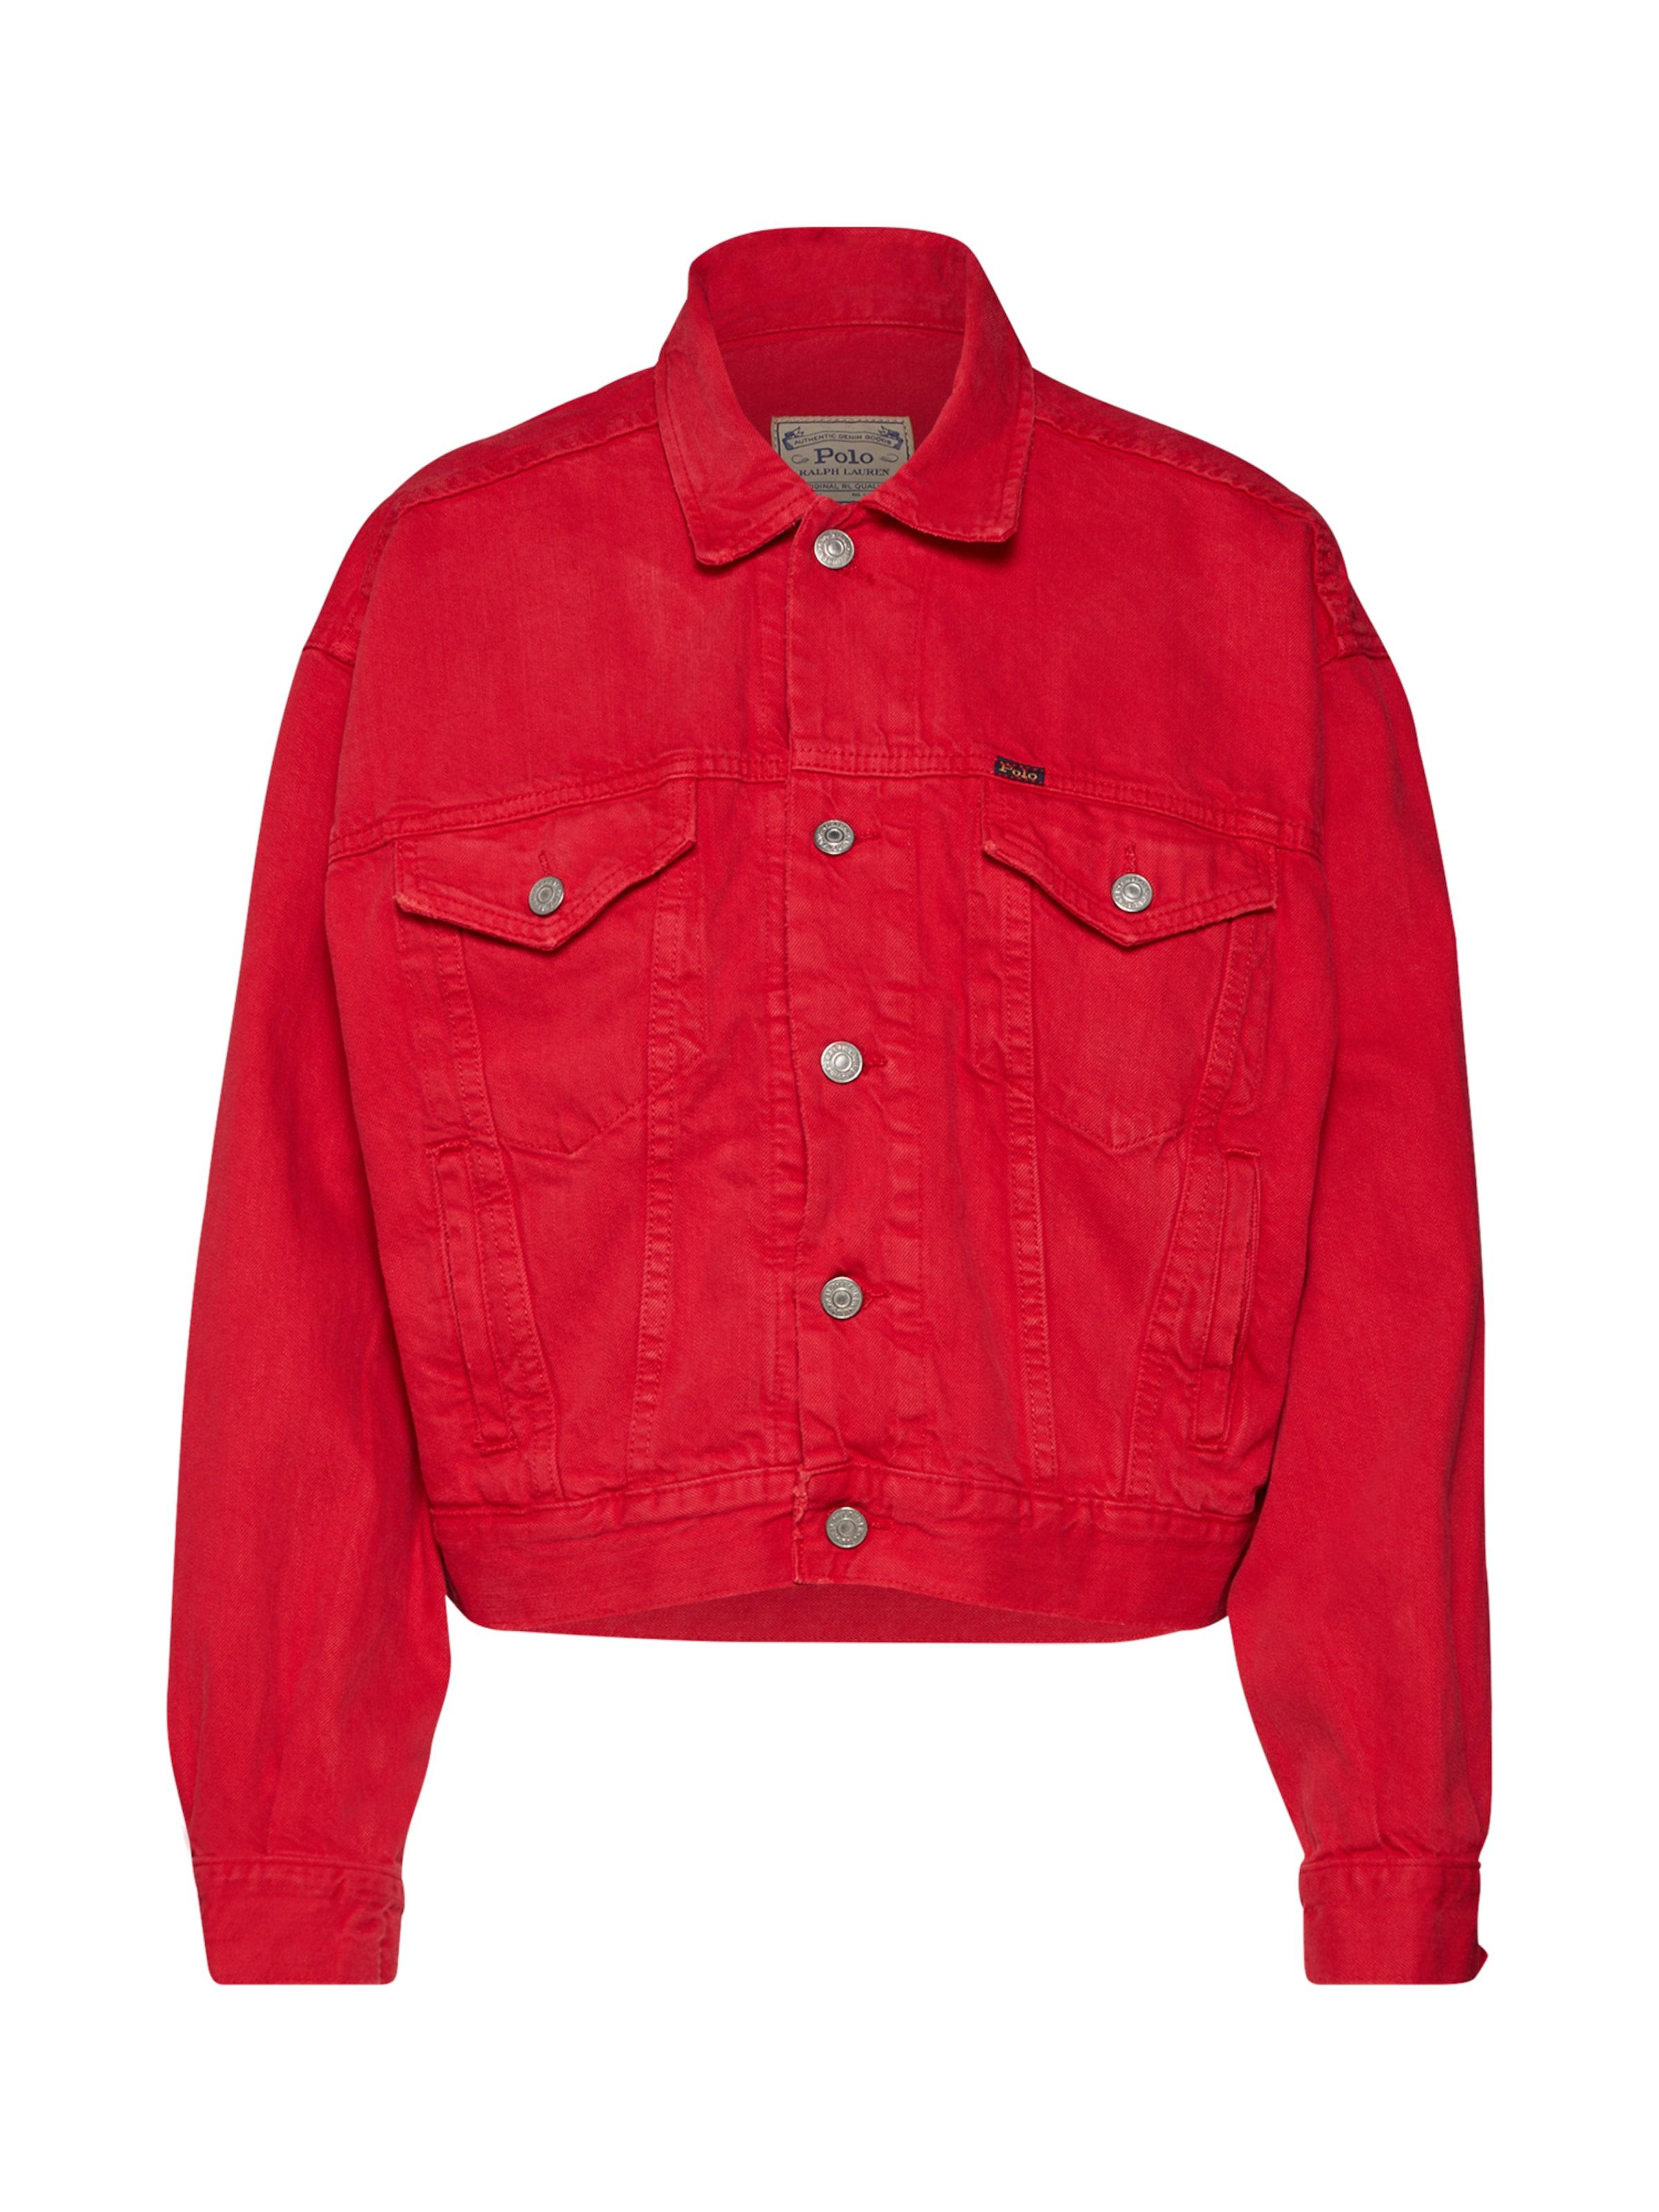 In Ralph saison Polo Mi 'rlxd LaurenVeste Trucker jacket' denim Rouge tQrCdshx